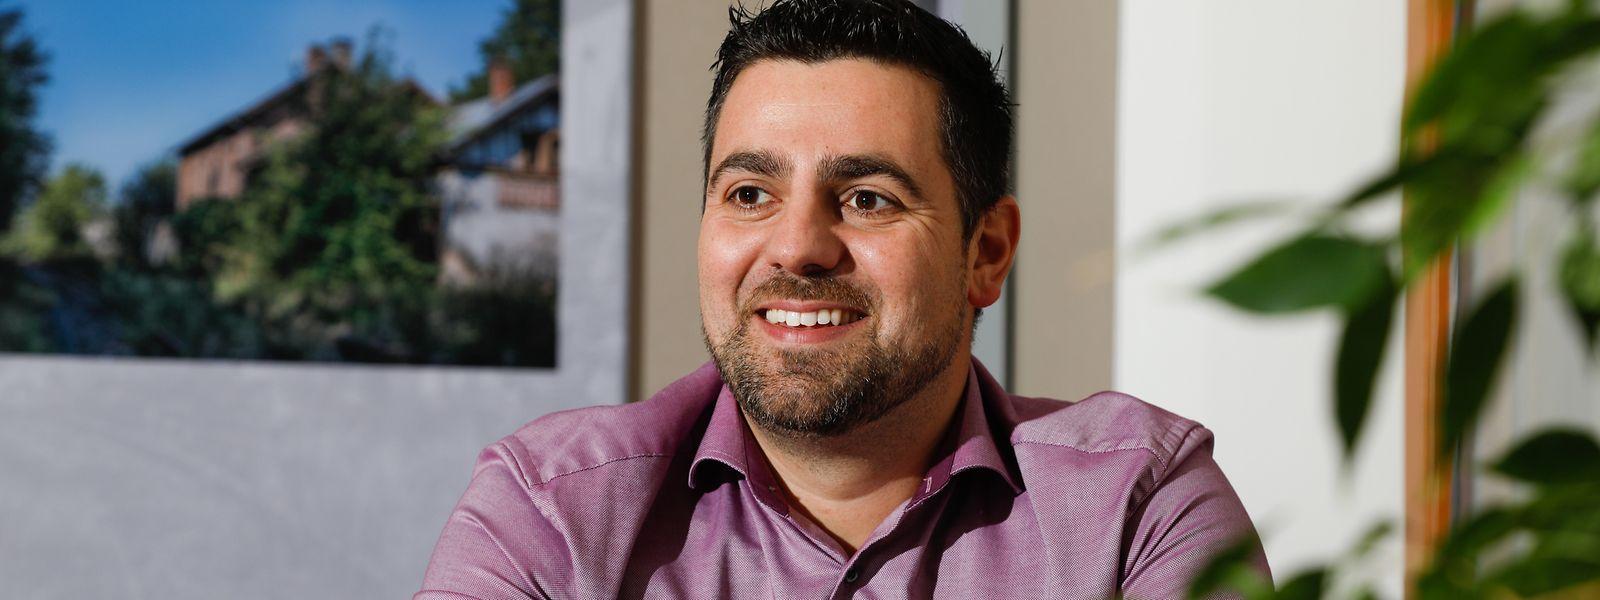 Der 35-jährige David Viaggi, der hauptberuflich in der Mobilitéitszentral arbeitet, ist seit dem 25. Oktober Bürgermeister.